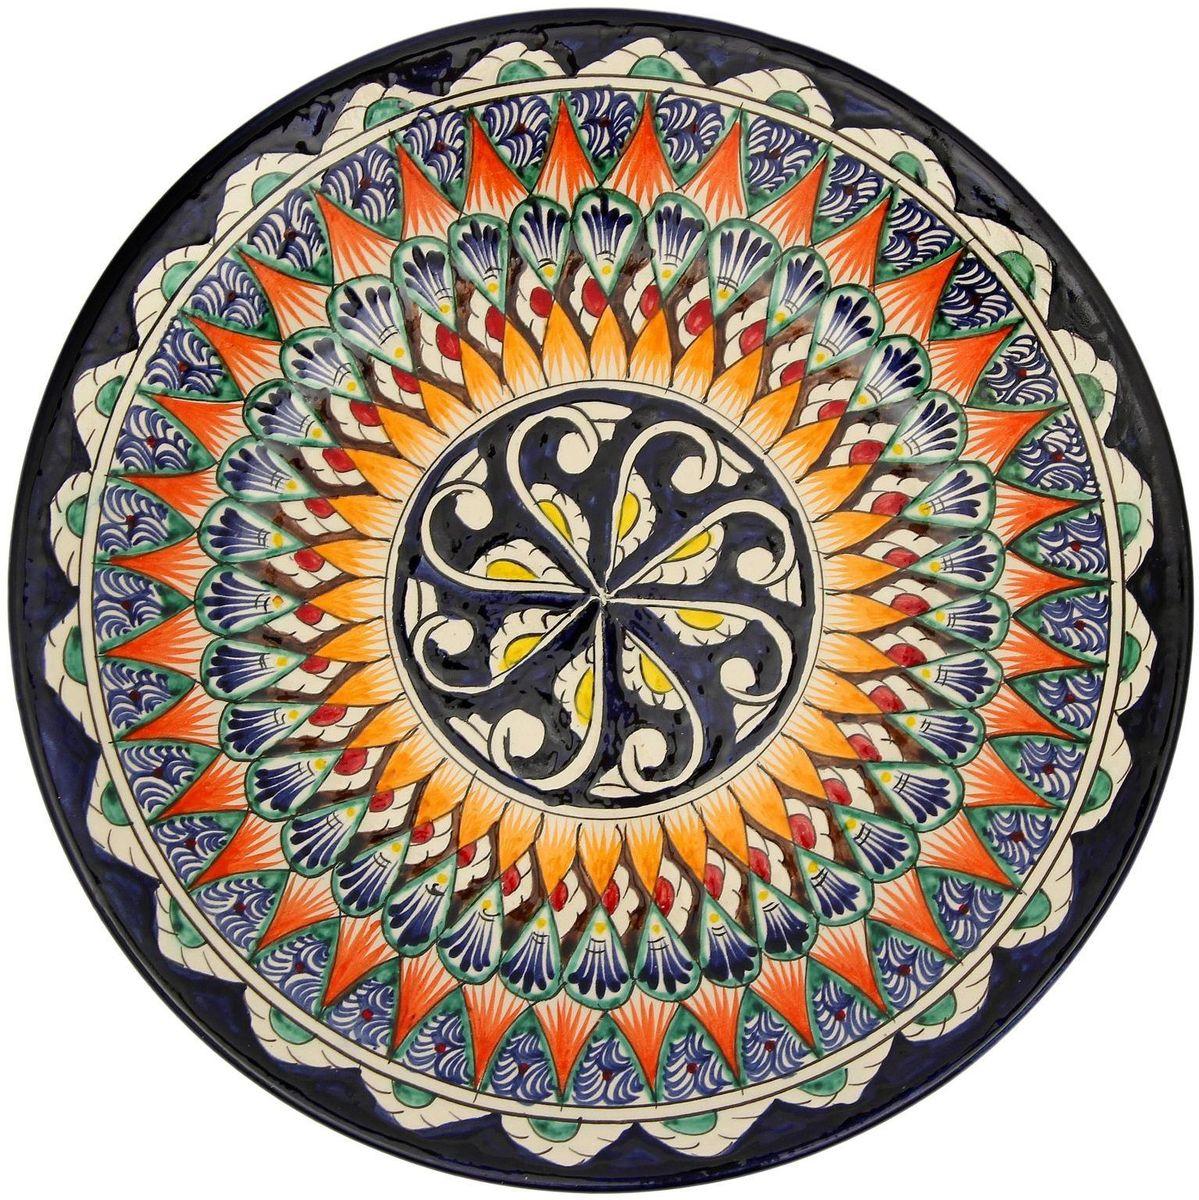 Тарелка Риштанская керамика, цвет: оранжевый, черный, диаметр 27 см. 21580012158001Узбекская посуда известна всему миру уже более тысячи лет. Ей любовались царские особы, на ней подавали еду шейхам и знатным персонам. Формула глазури передаётся из поколения в поколение. По сей день качественные изделия продолжают восхищать своей идеальной формой.Данный предмет подойдёт для повседневной и праздничной сервировки. Дополните стол текстилем и салфетками в тон, чтобы получить элегантное убранство с яркими акцентами.